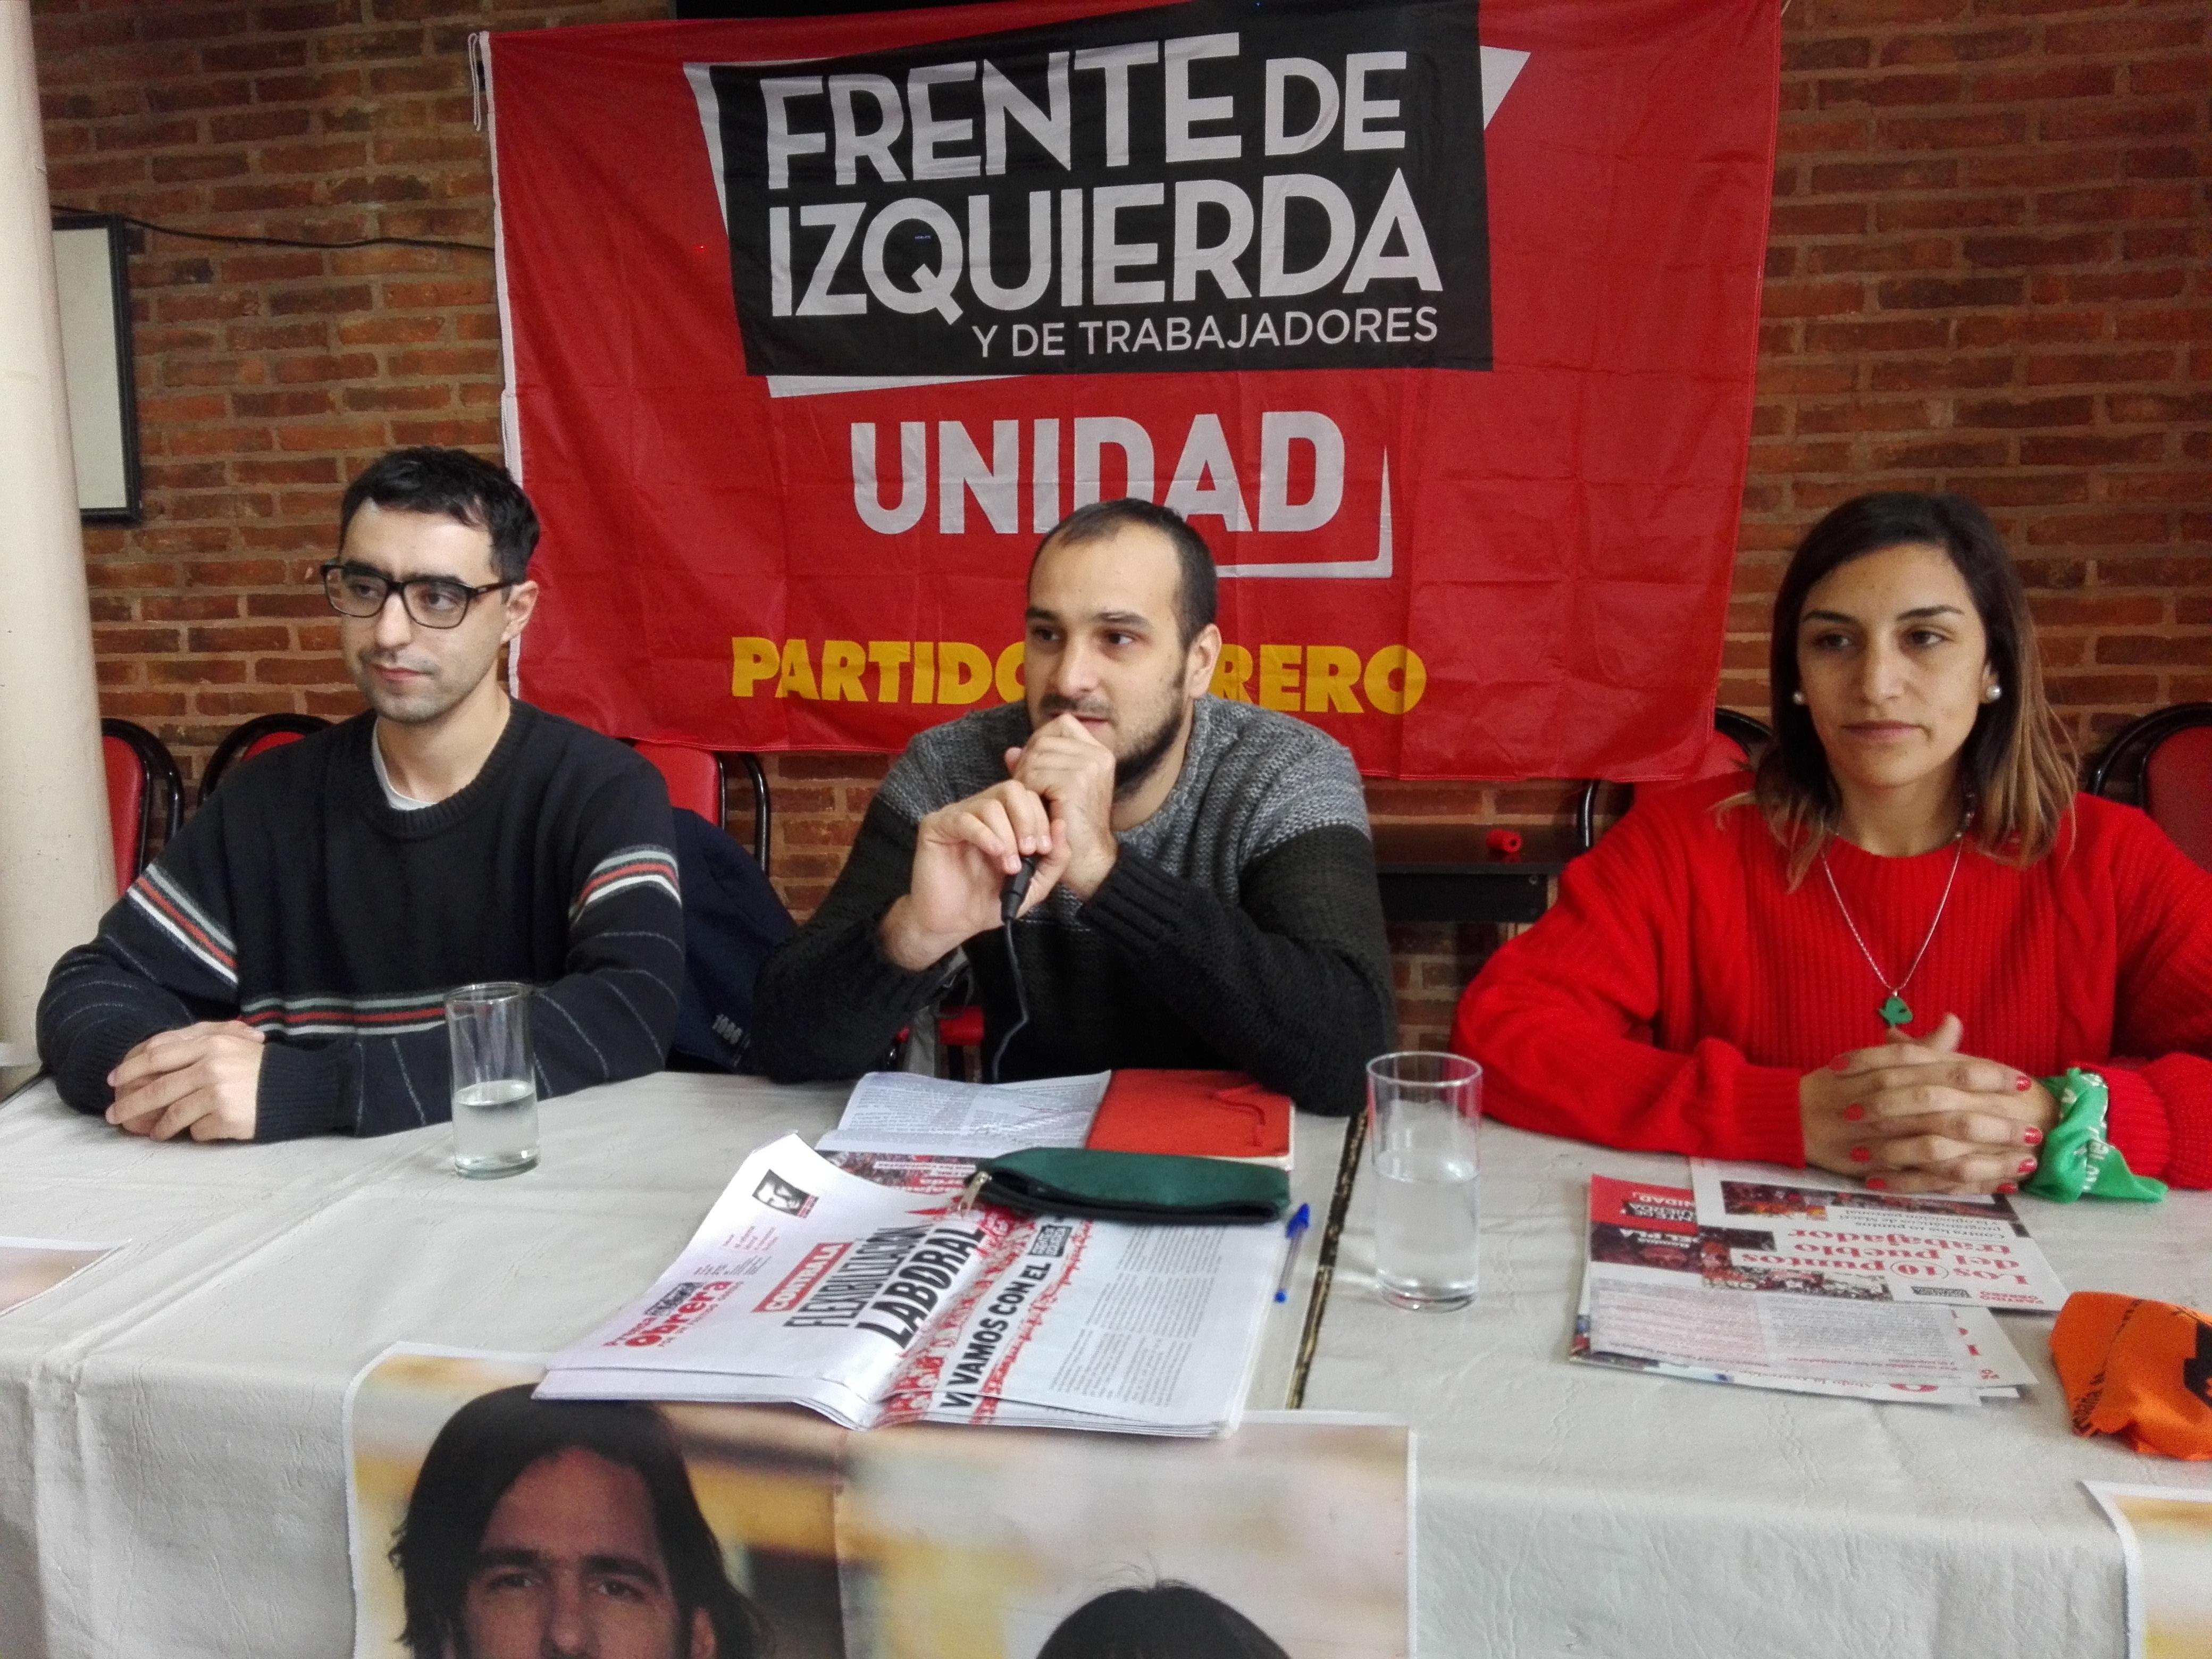 El Frente de Izquierda-Unidad de Ramallo realizó la presentación de sus precandidatos a intendente y concejales de cara a las PASO del 11 de agosto.